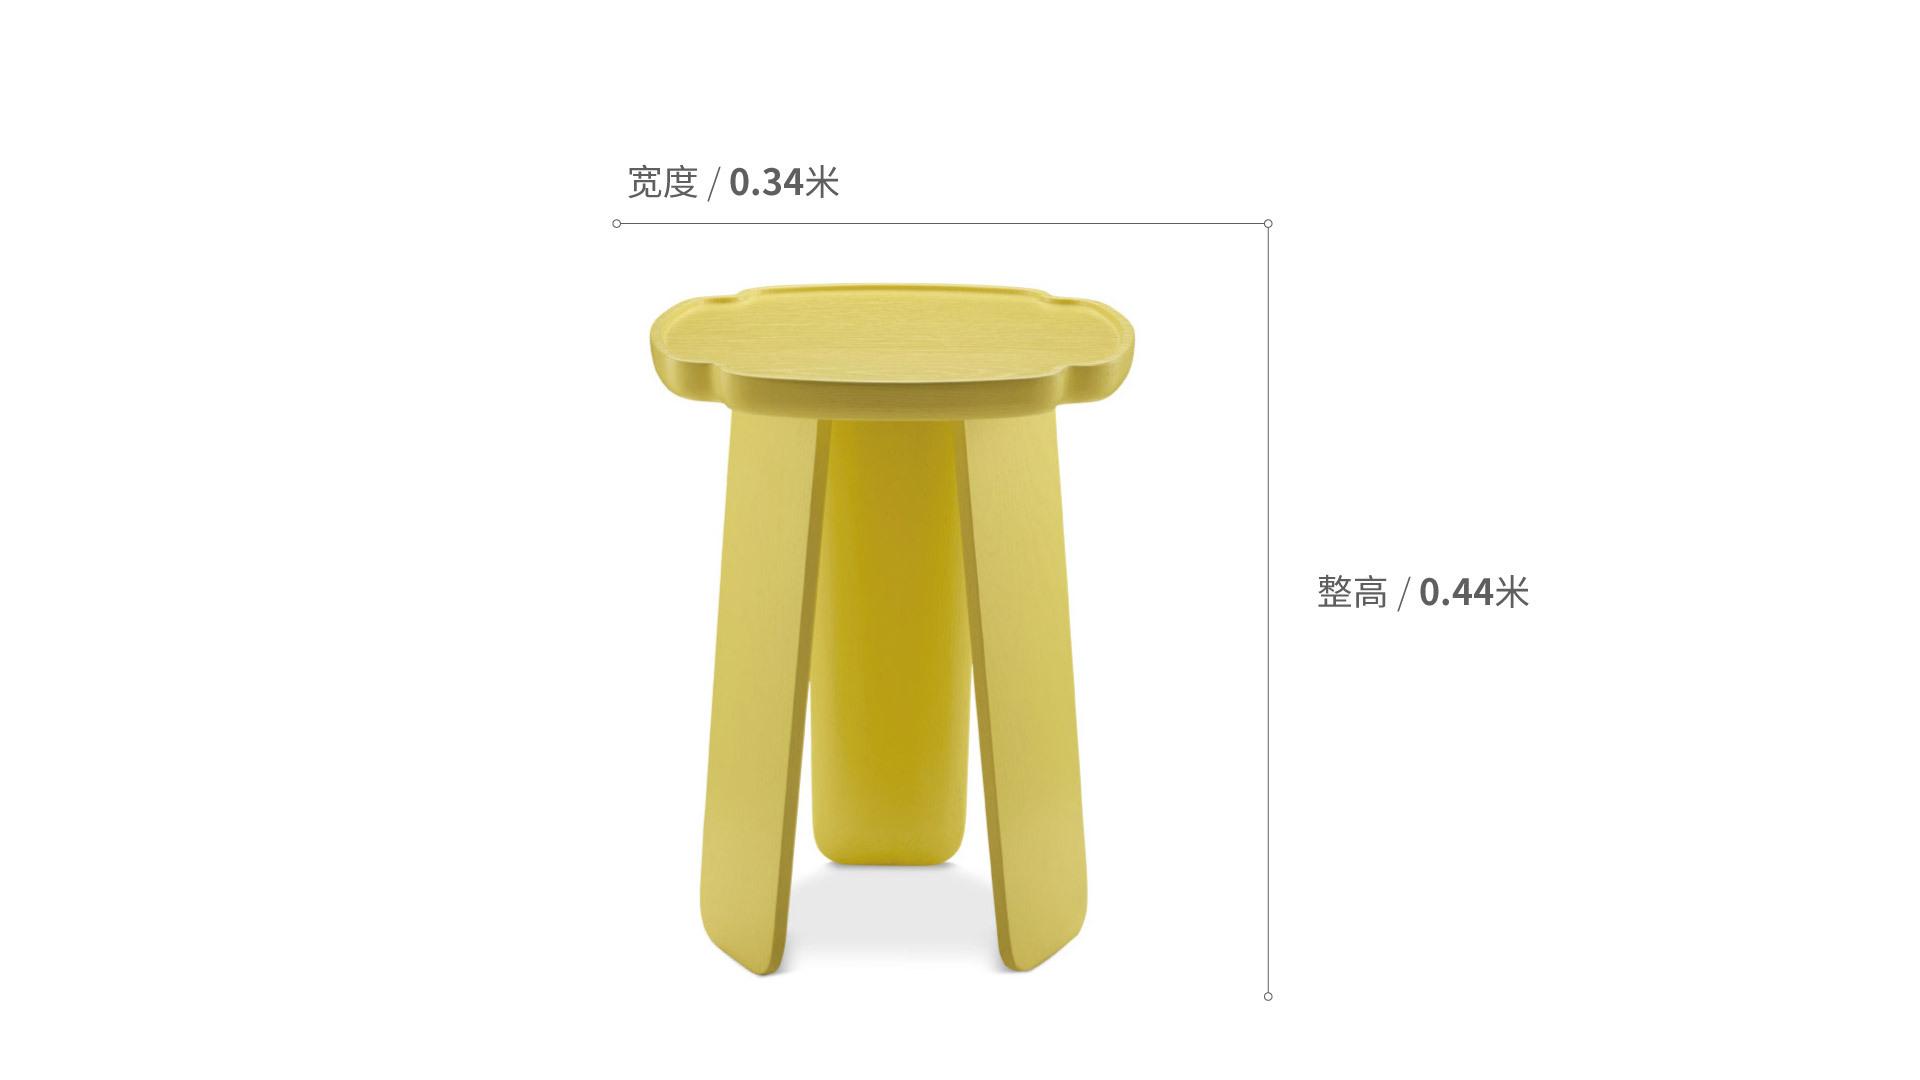 造作花间实木小桌™高桌(四叶款)柜架效果图